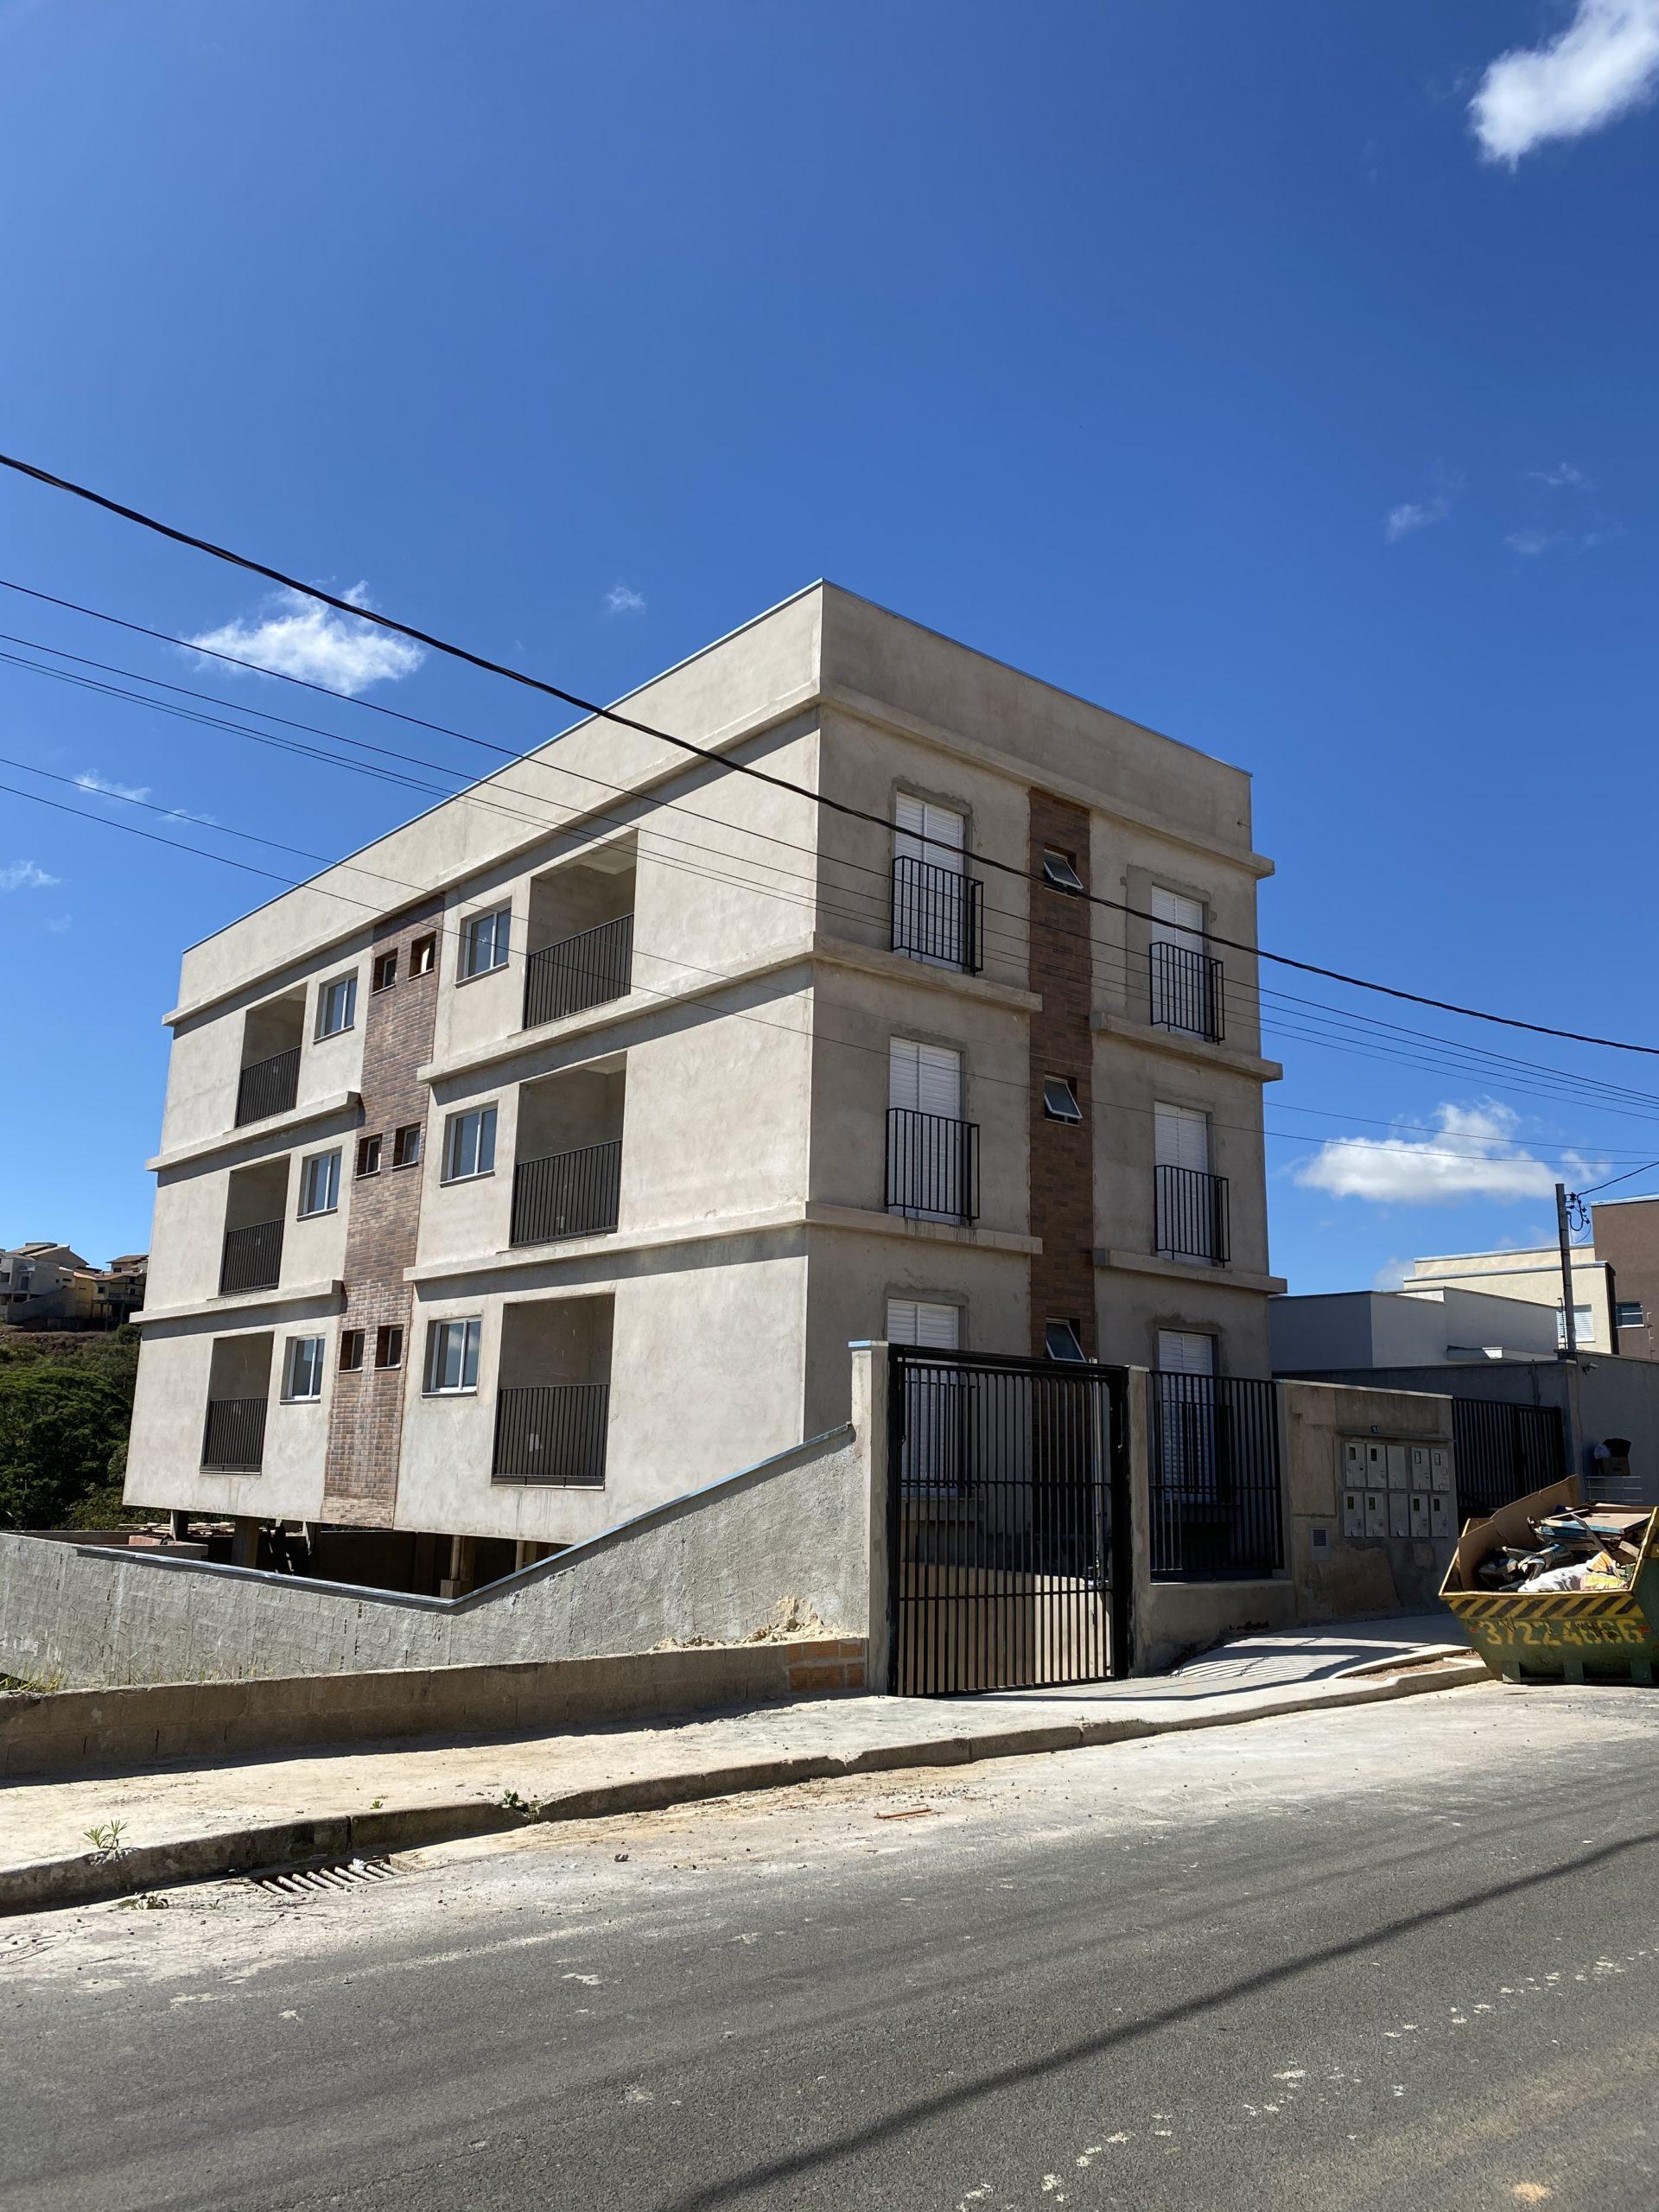 Cód 1654A - Apartamento Jardim Morumbi com 75m2 área útil ( novo).